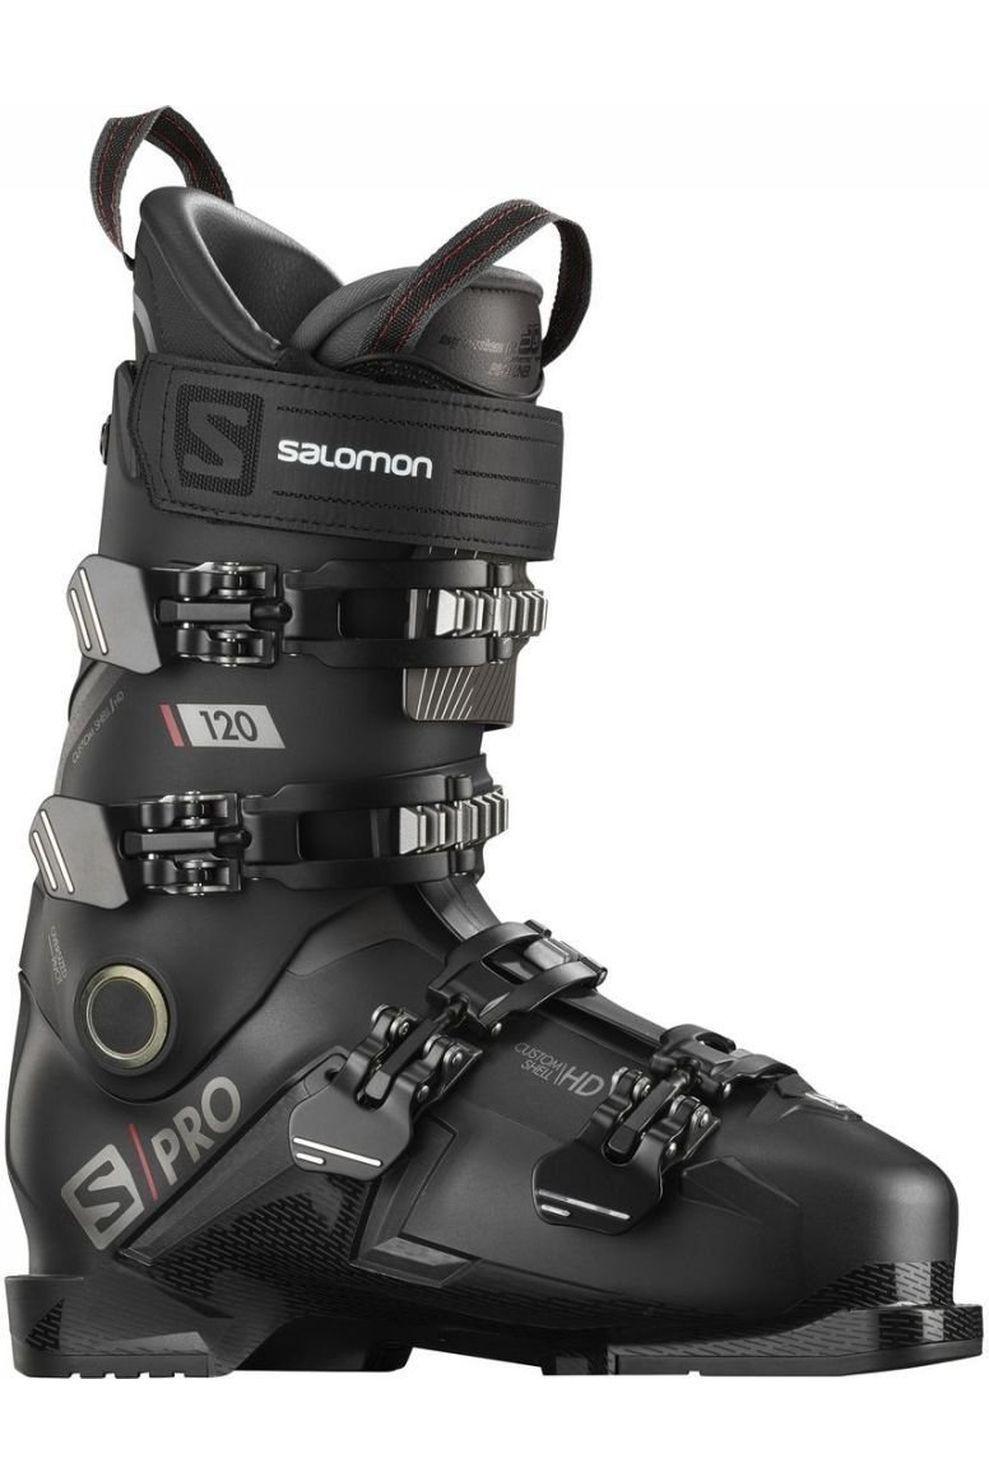 Salomon Skischoen S/Pro 120 voor heren - Zwart/Grijs - Maten: 26.5, 27.5, 28.5, 29.5